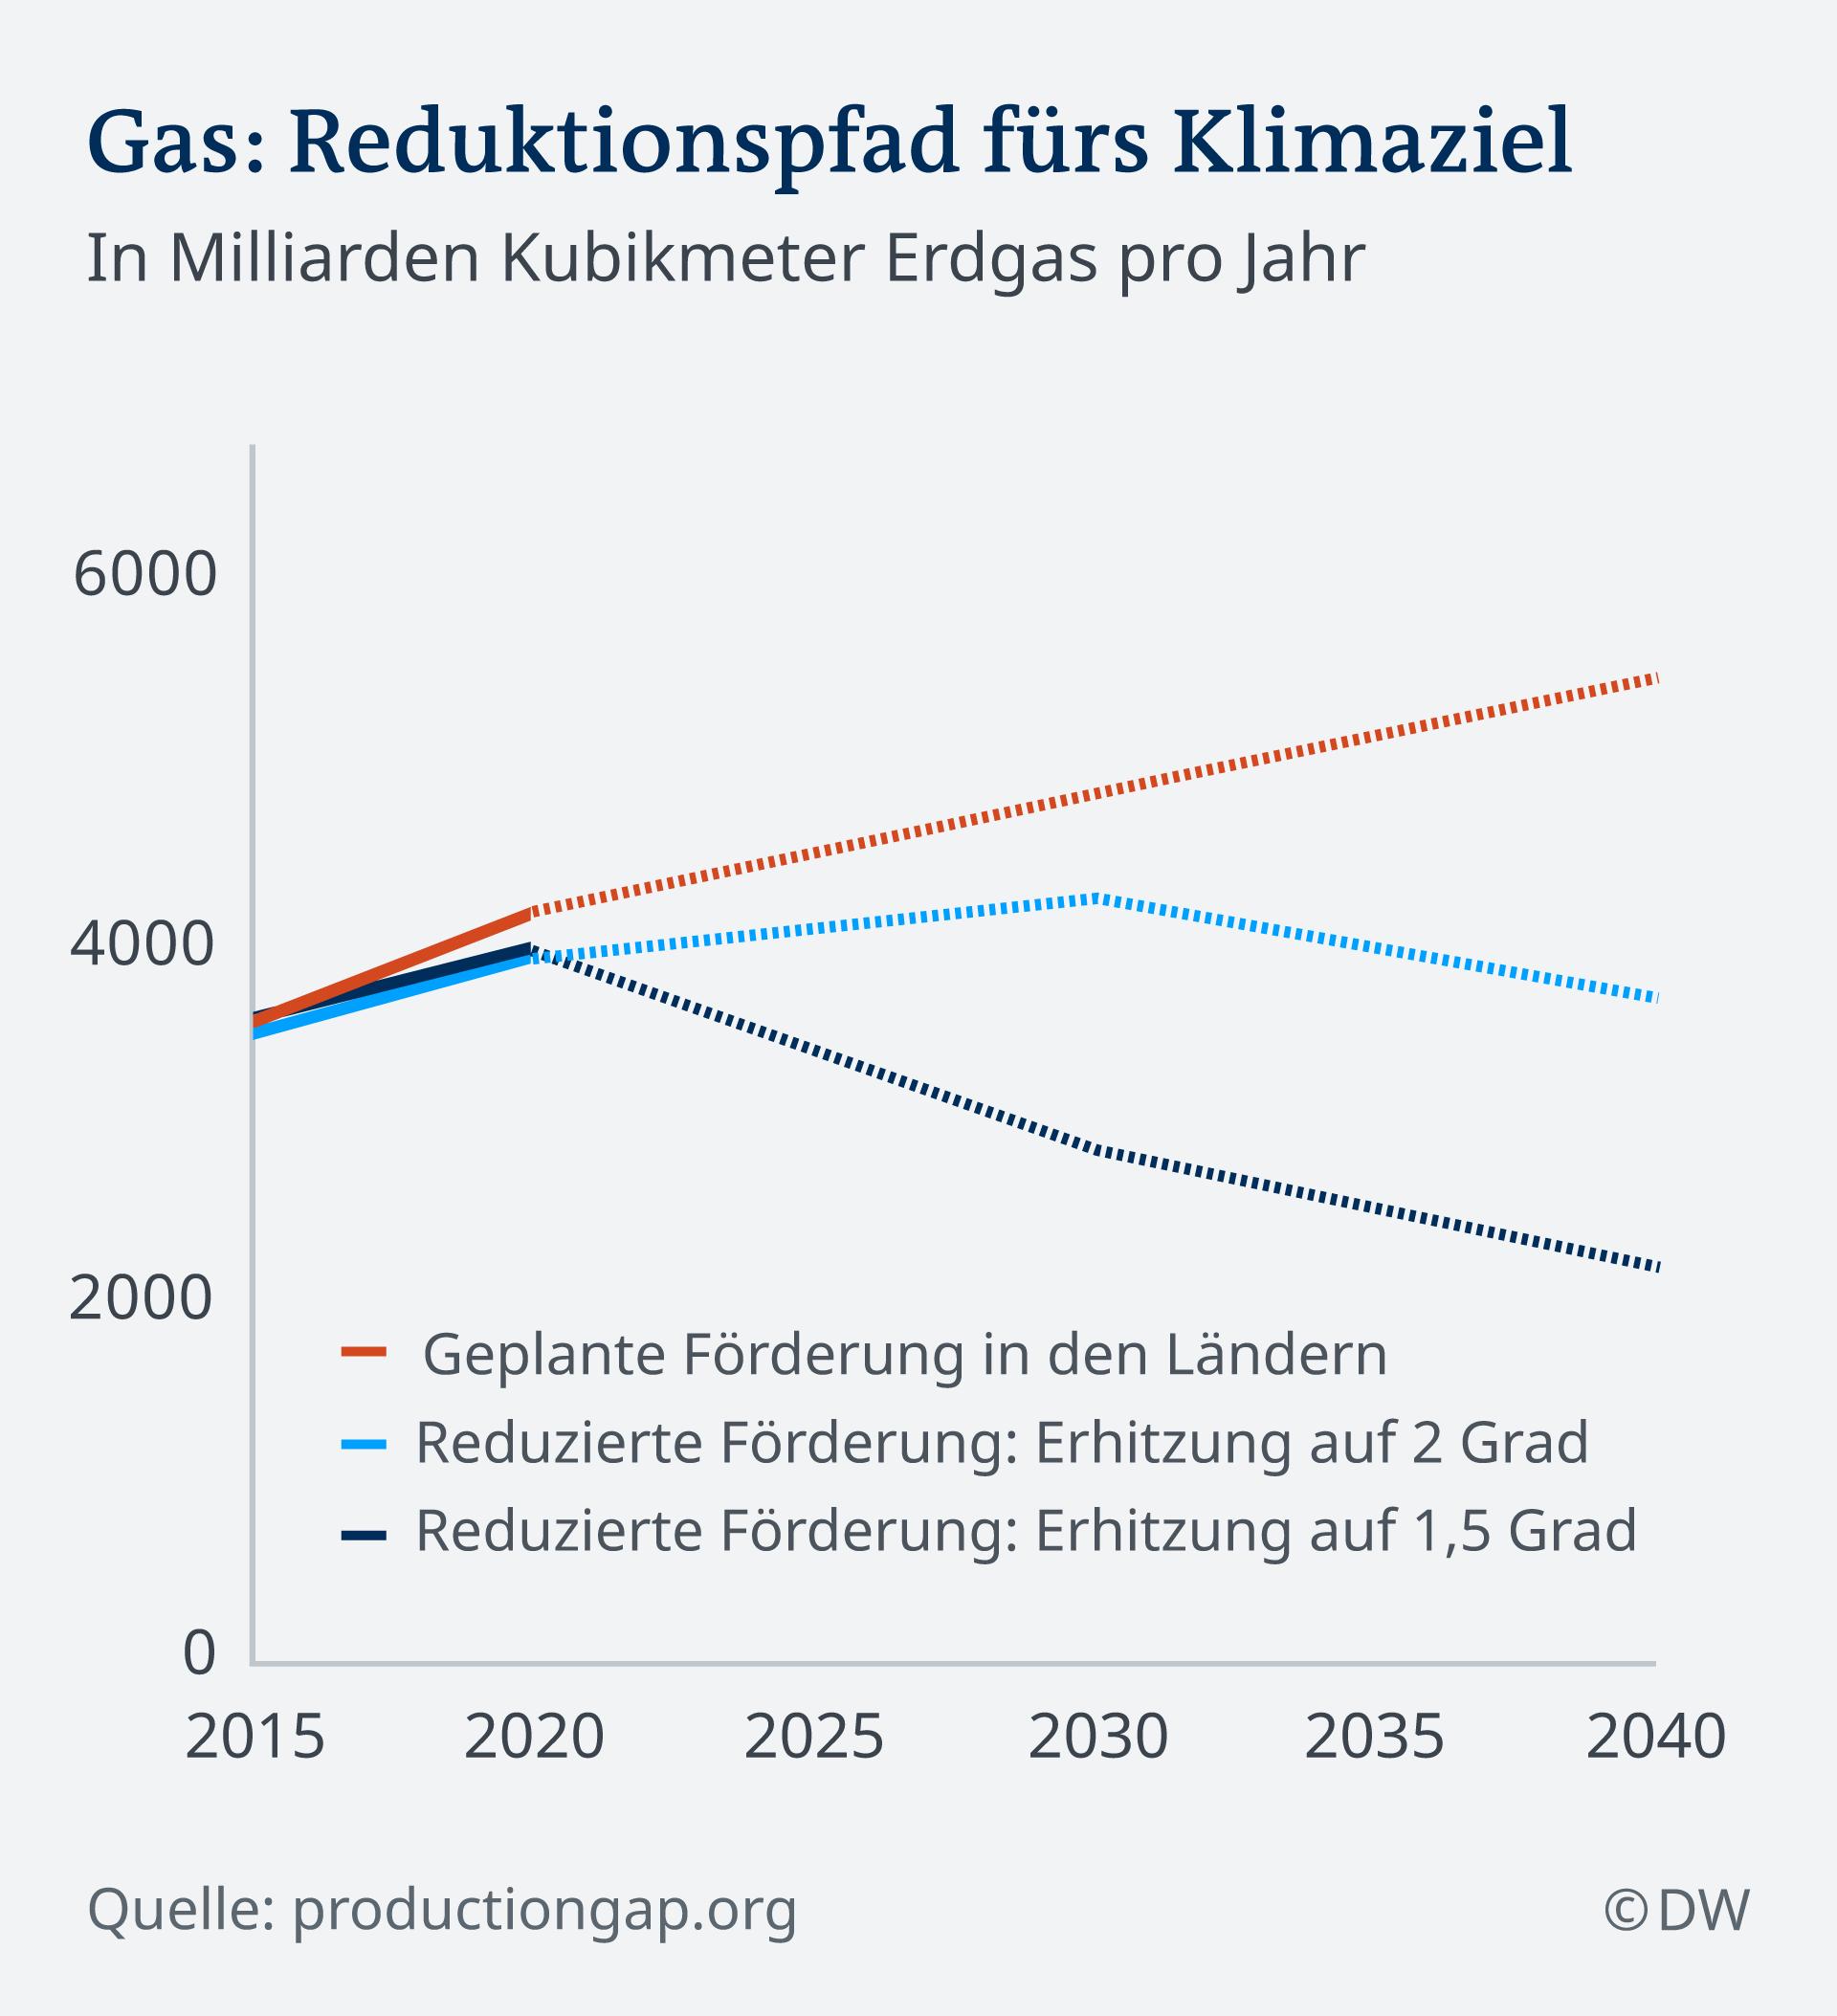 Infografik Klimaziele Gas DE ***Sperrfrist: 20.11.2019 06:00 CET***